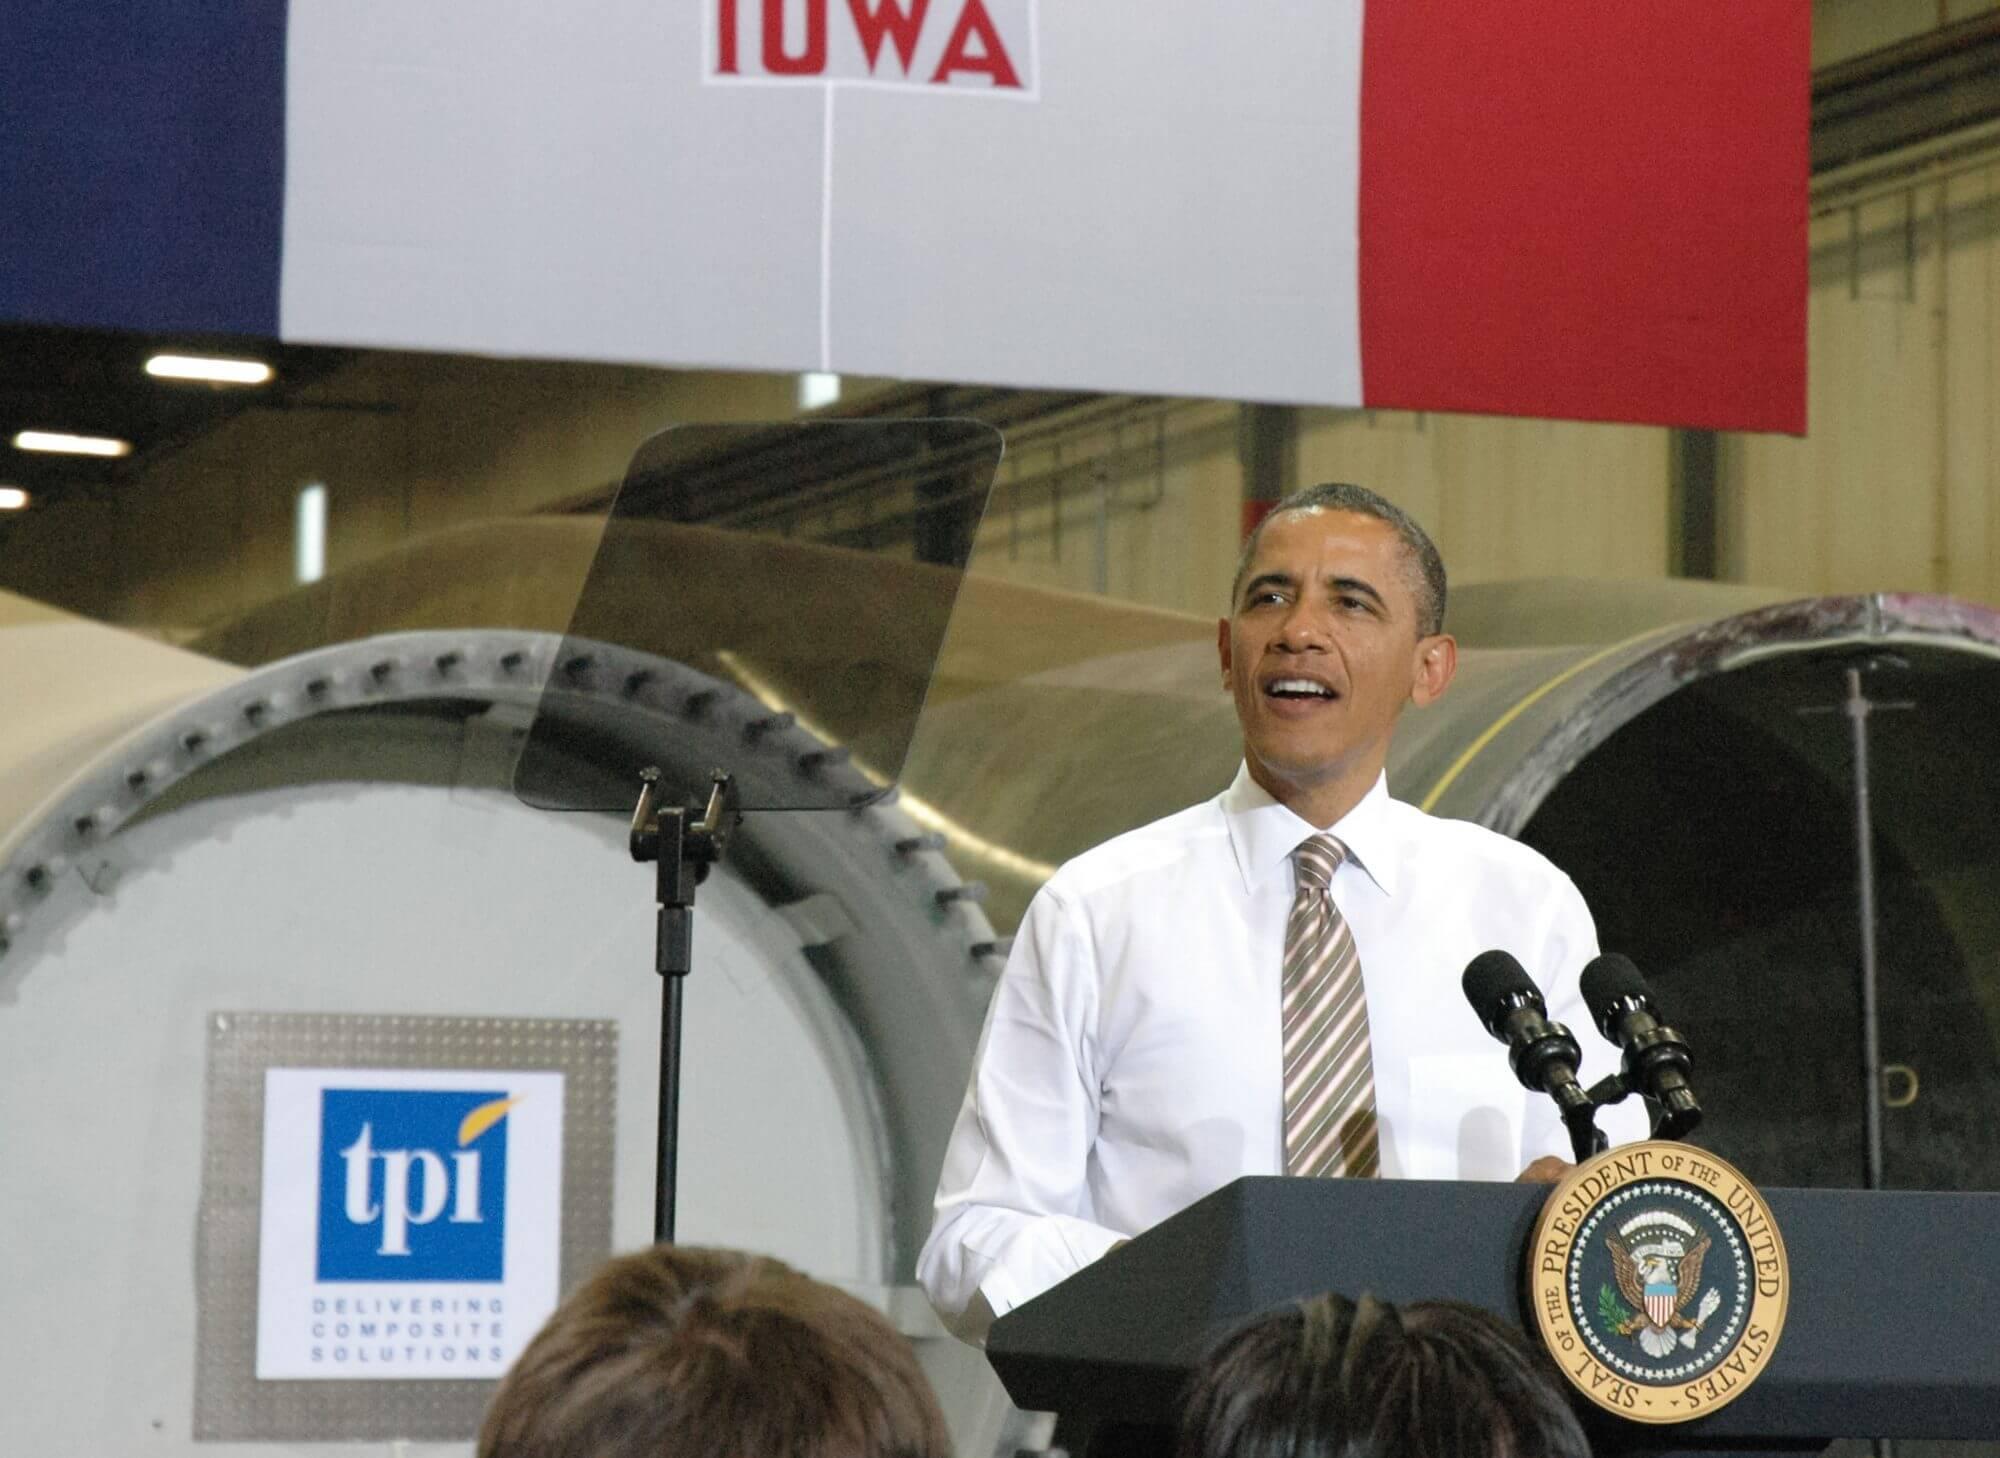 Looking at Obama's environmental legacy